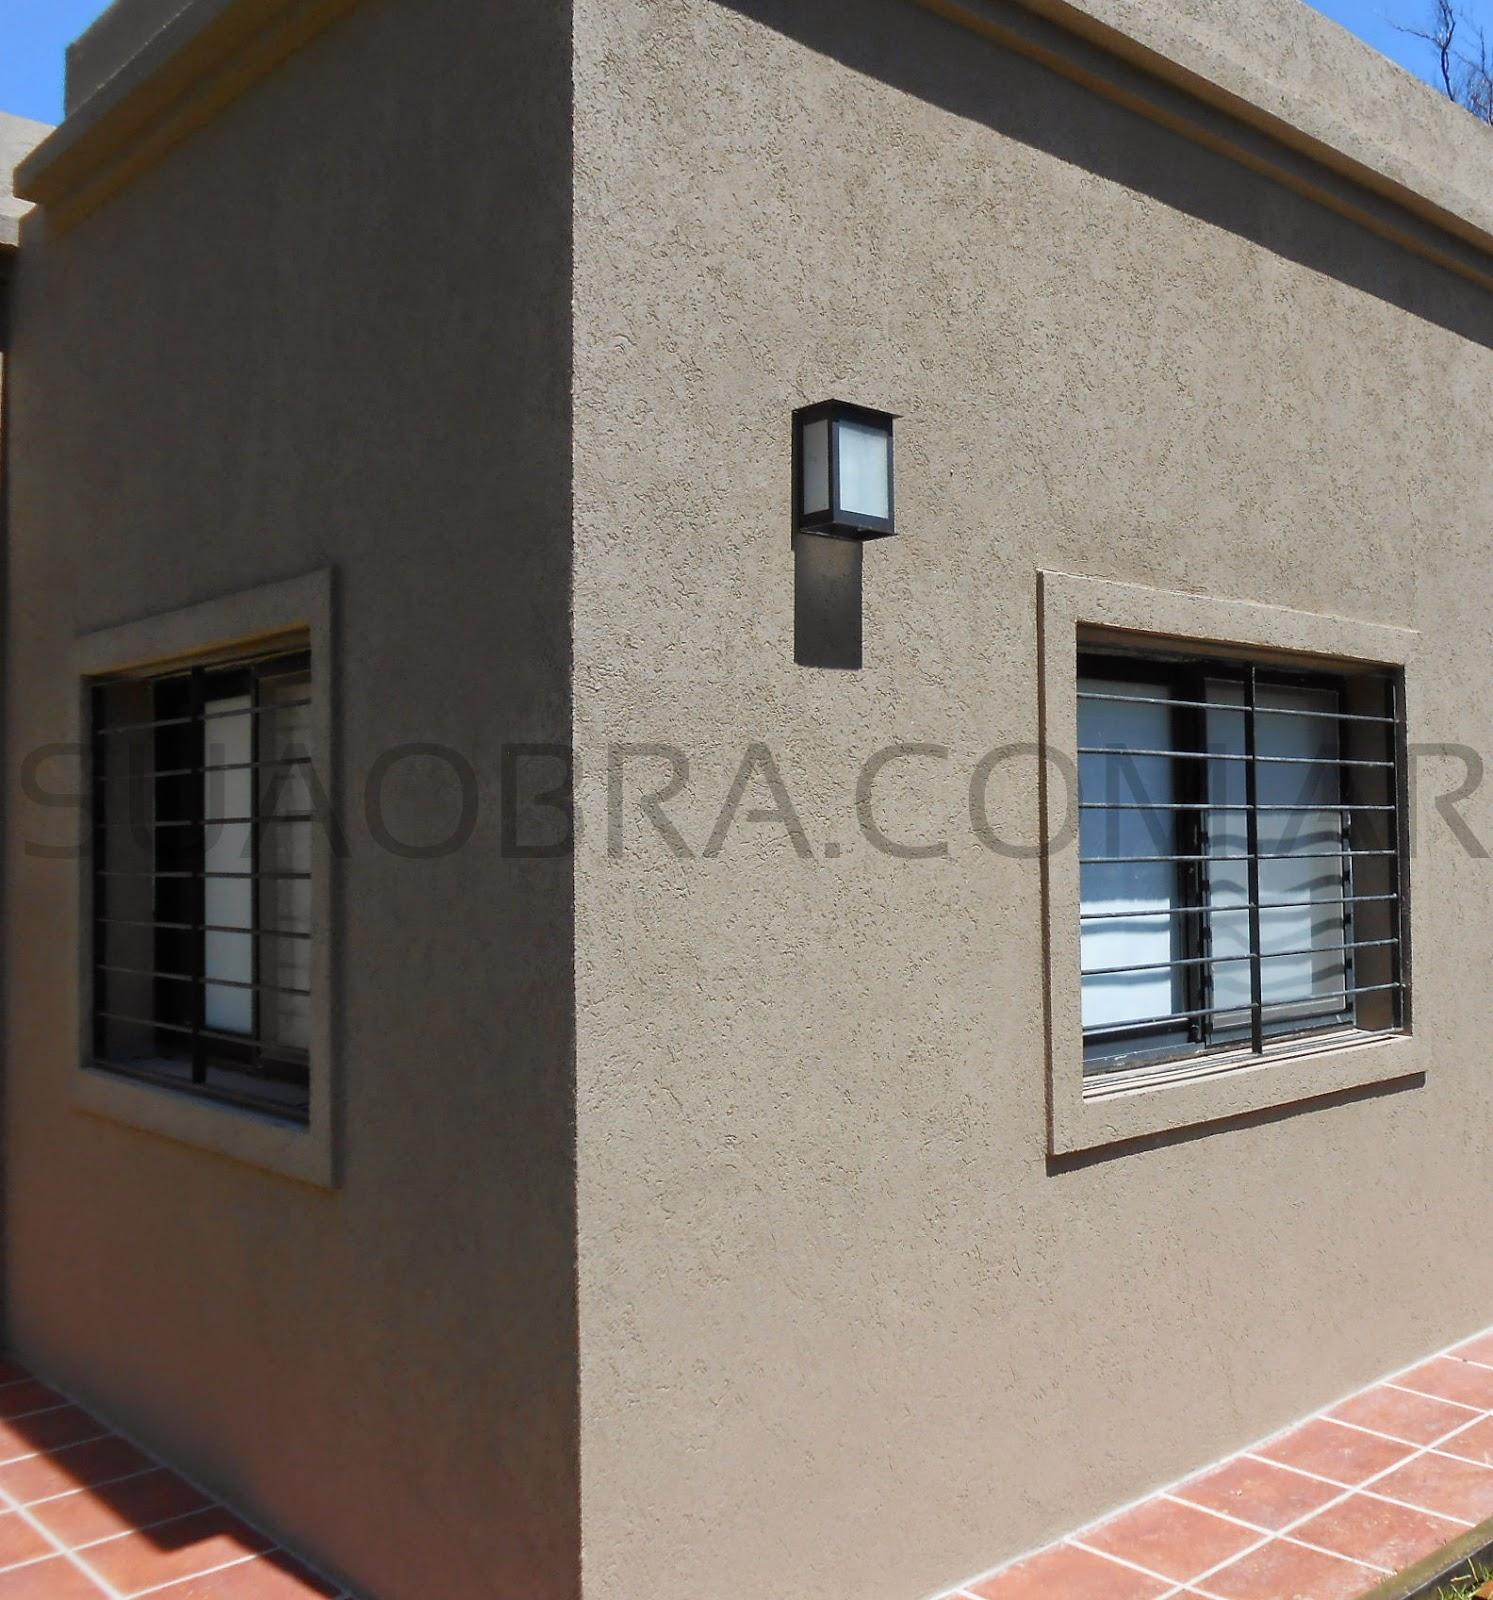 Aplicacion de revestimiento plastico para paredes - Revestimiento para paredes exteriores ...